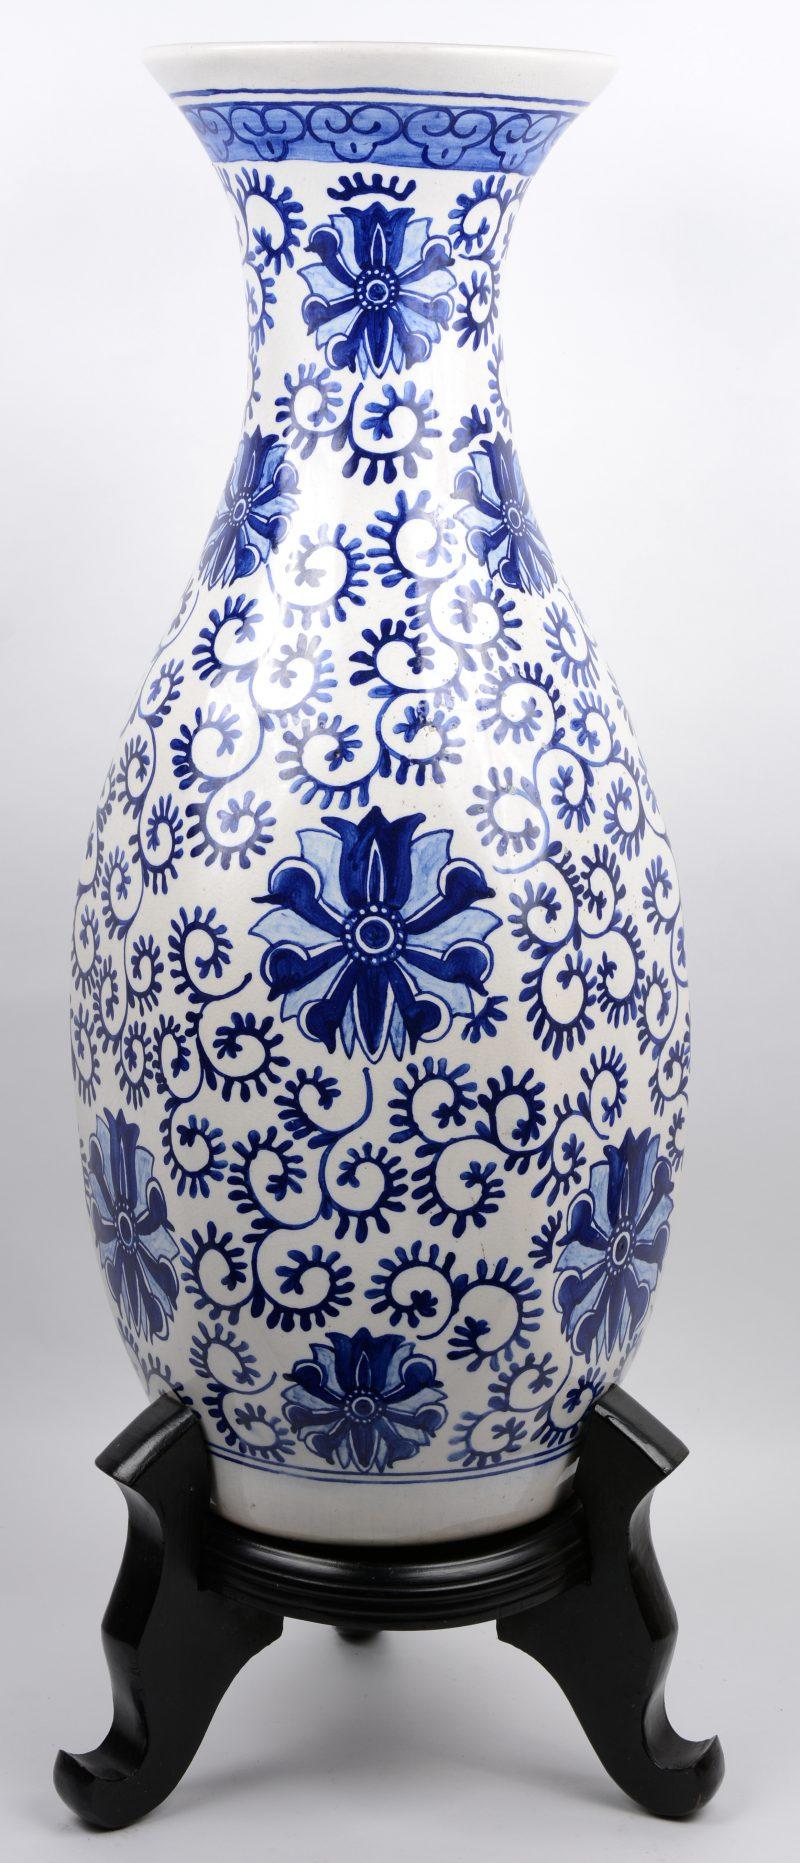 Een porseleinen balustervaas met zes afgeplatte kanten en versierd met een blauw op wit bloemendecor.